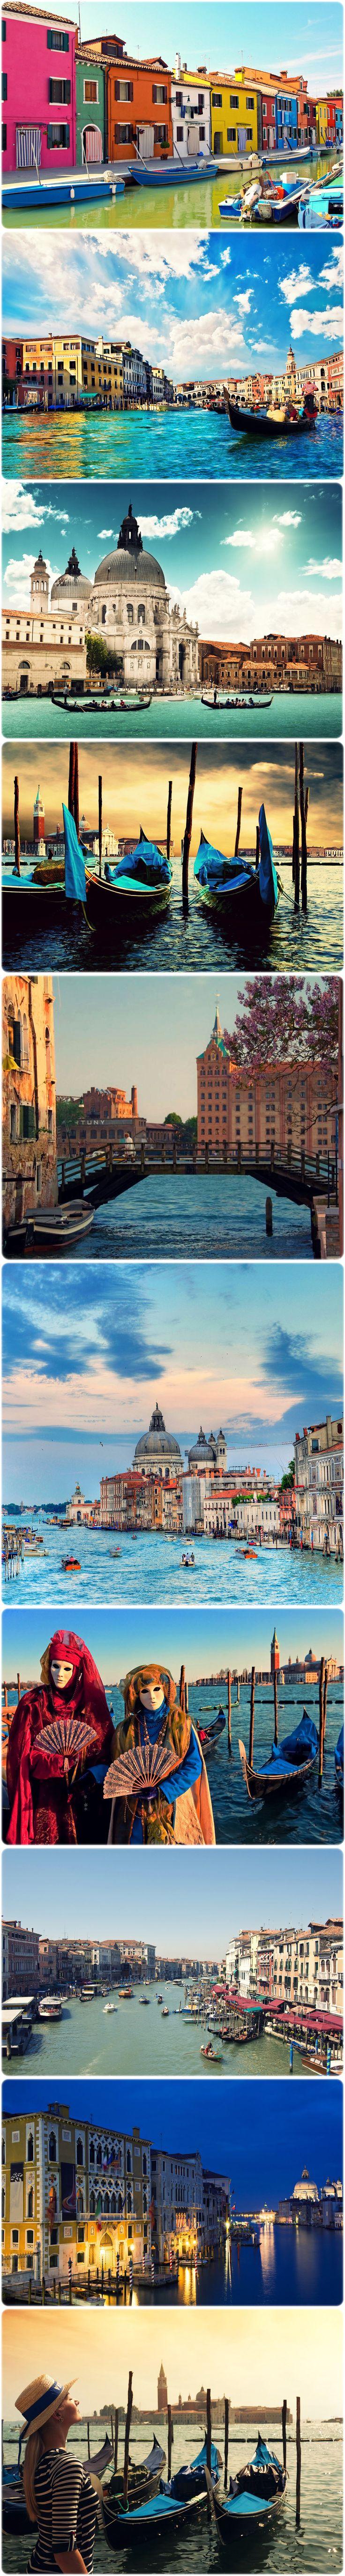 Venice, Italy ♡♡